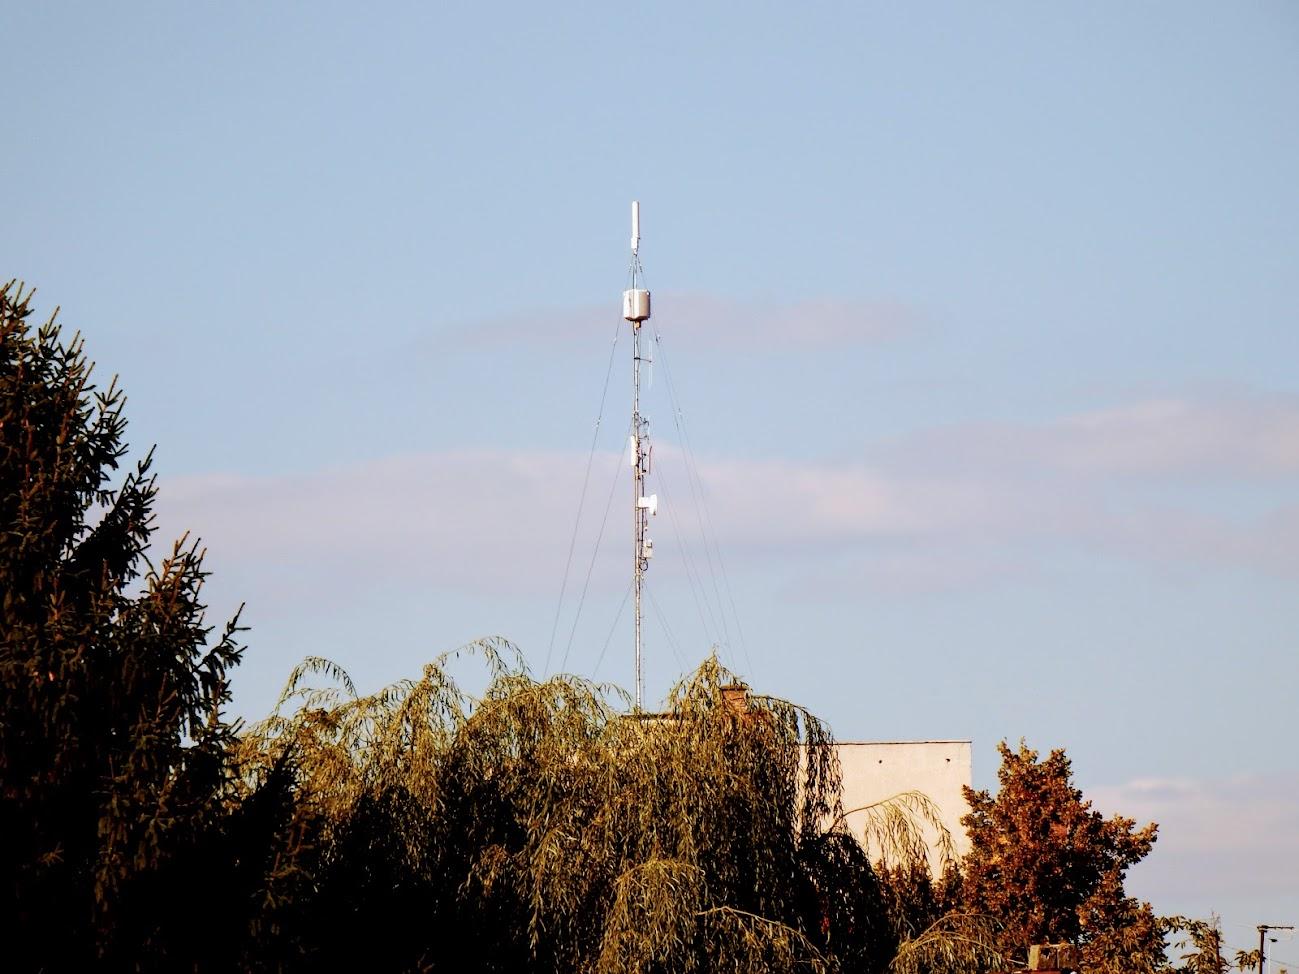 Tapolca/Batsányi János utca 5.A. - helyi DVB-T adóállomás